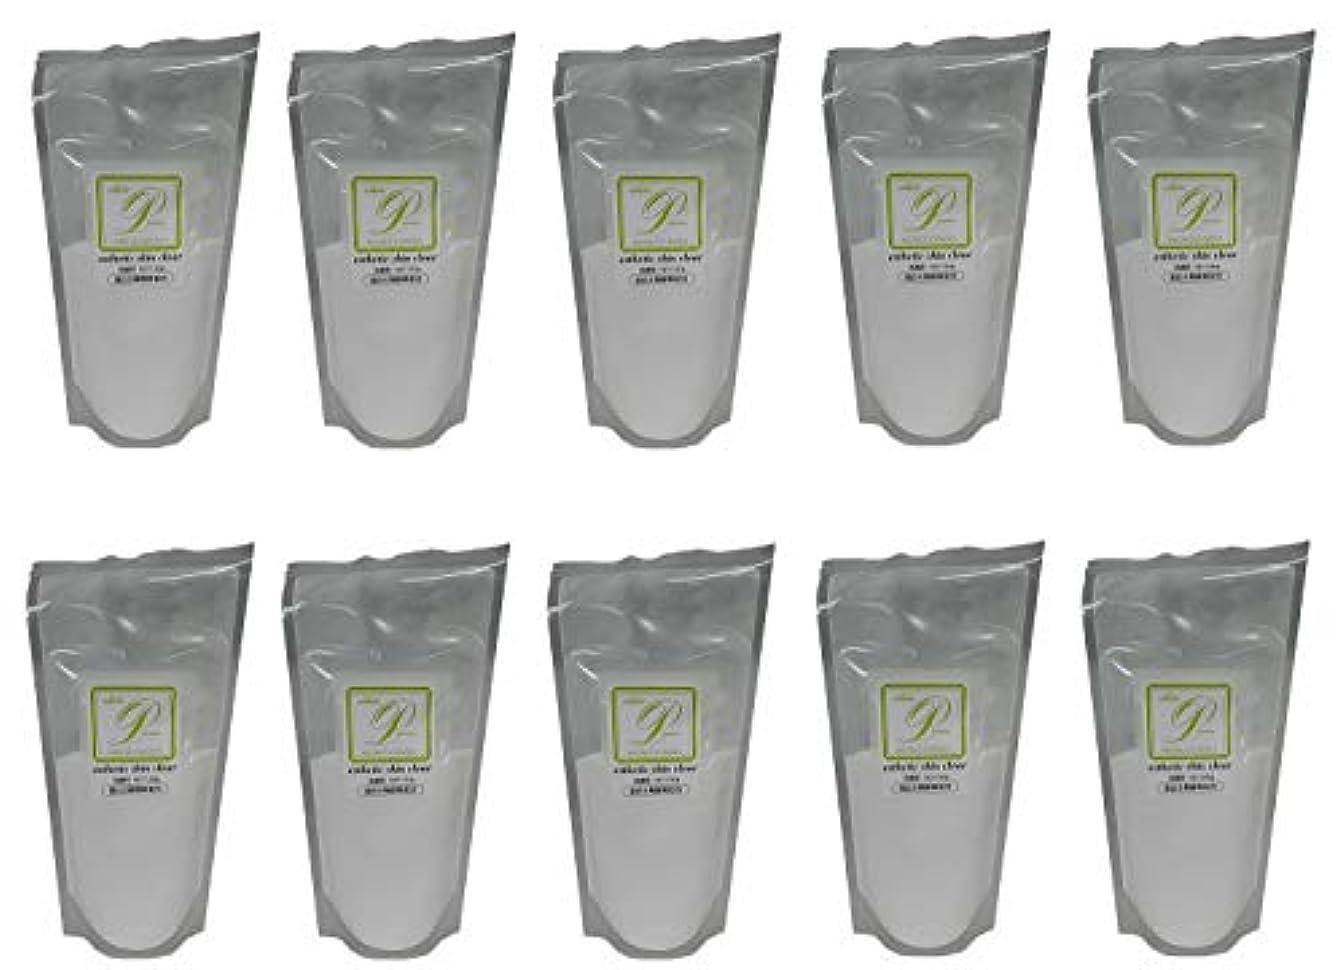 キャンベラ反逆落胆する【10個セット】メロス プラスマンスキンケア 酵素 スキンクリア N 120g レフィル